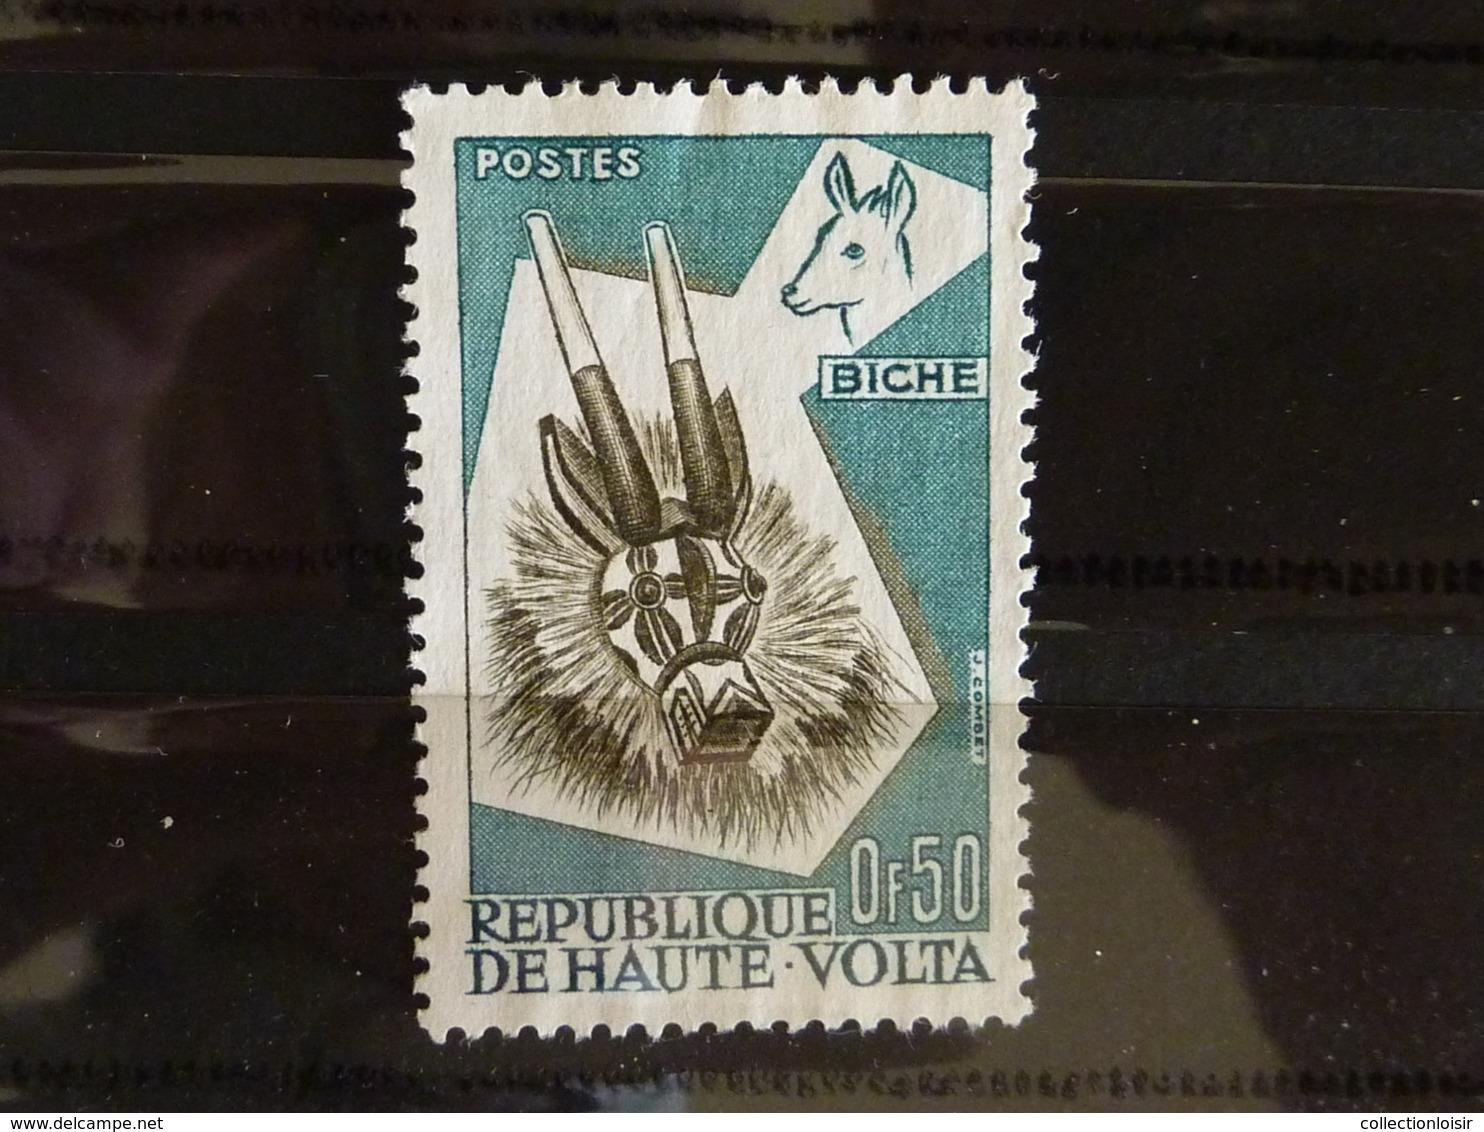 ALBUM CONTENANT 310 TIMBRES DE FRANCE ET DU MONDE ( 51 Photos ) - Stamps